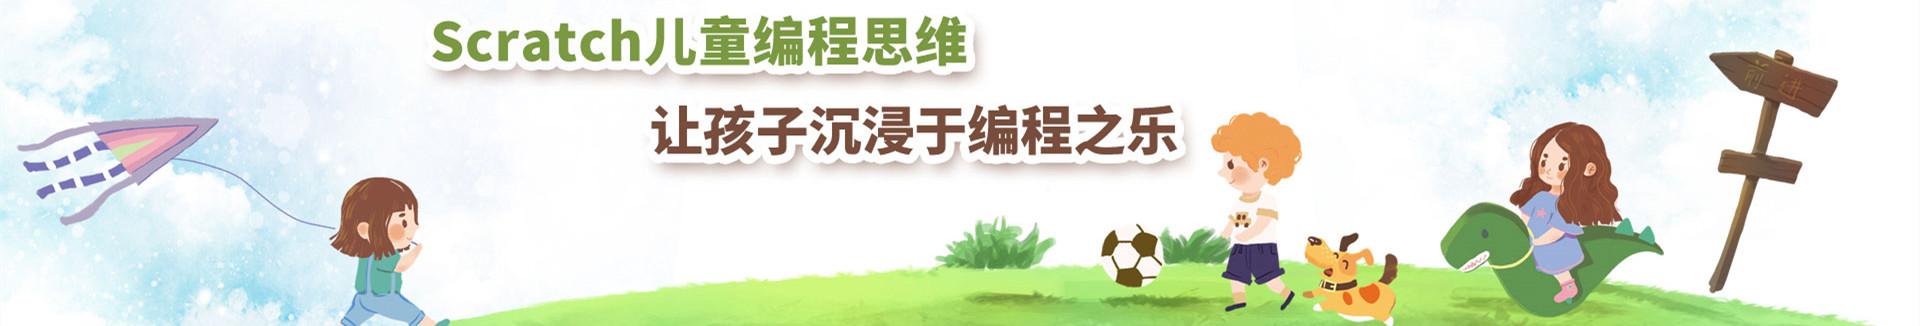 武汉洪福添美小码王少儿编程培训机构